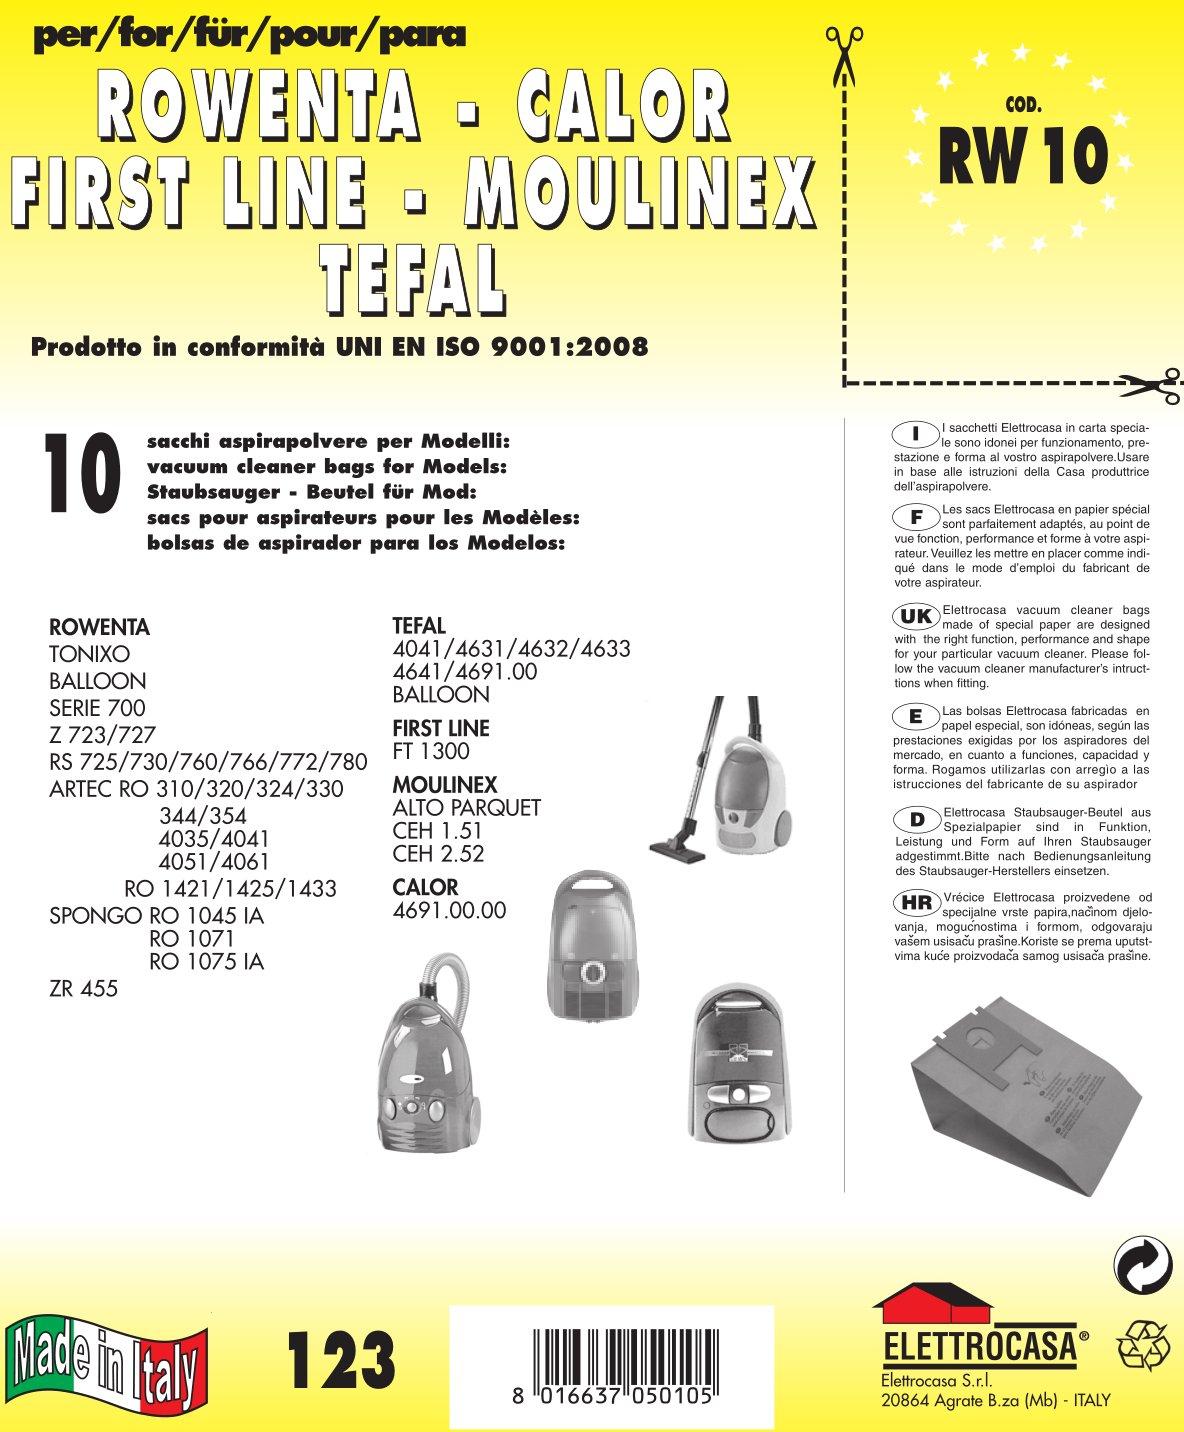 Acquisto RW 10 sacchetti per aspirapolvere confezione da 10 sacchi carta Prezzo offerta